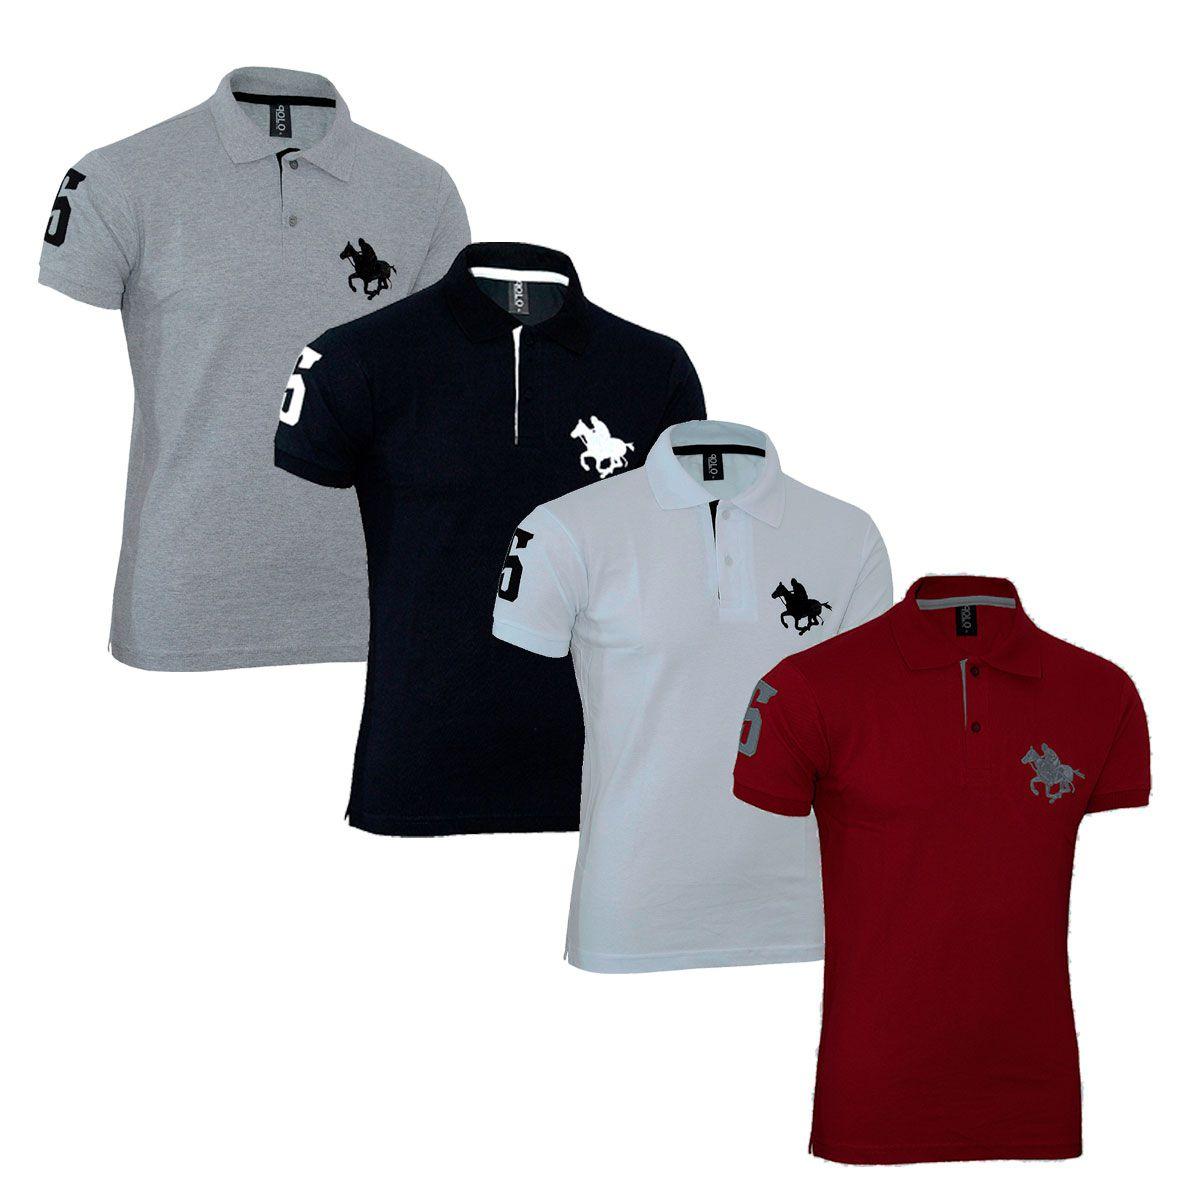 Kit com 04 Polos Tradicionais da Marca - Vermelho - Branco - Preto e Cinza